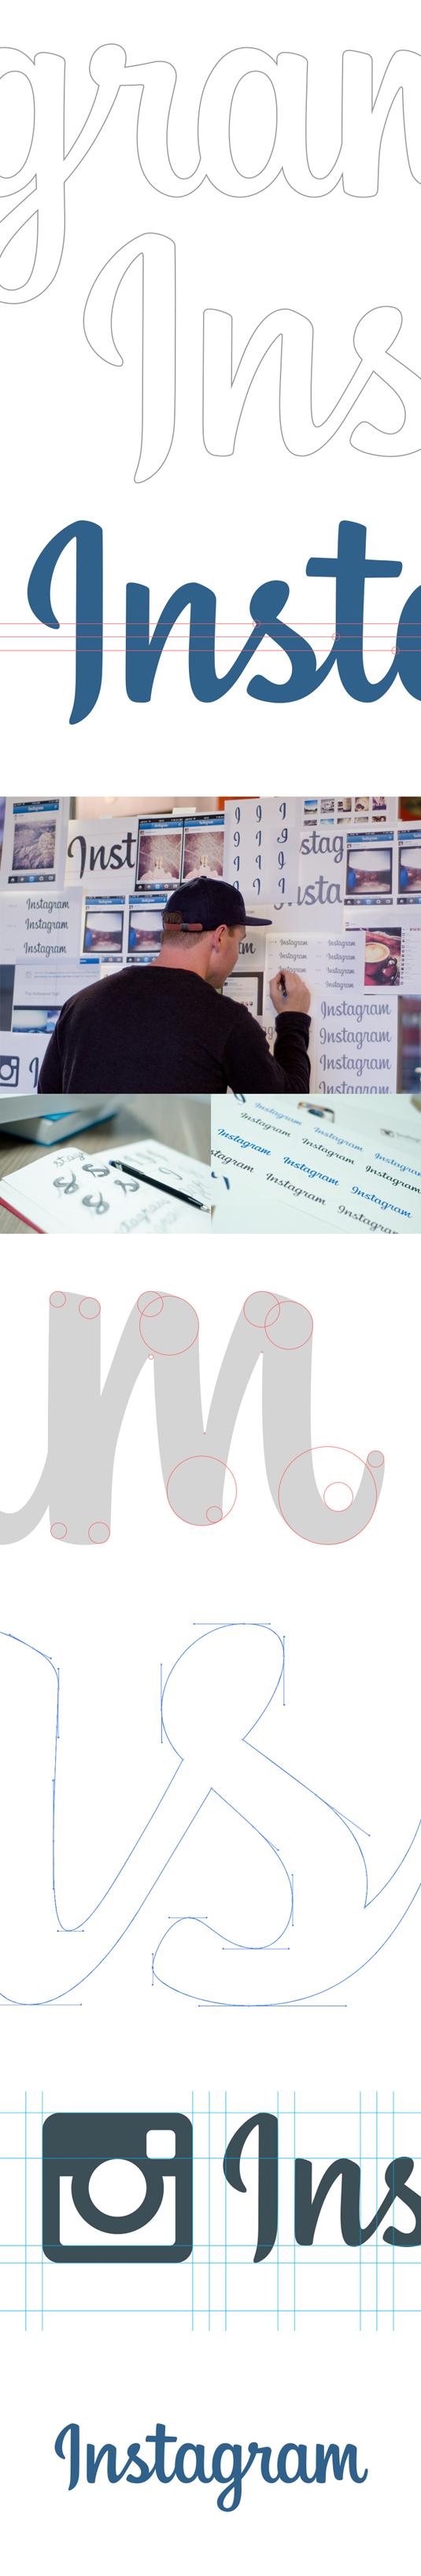 New Instagram logo process